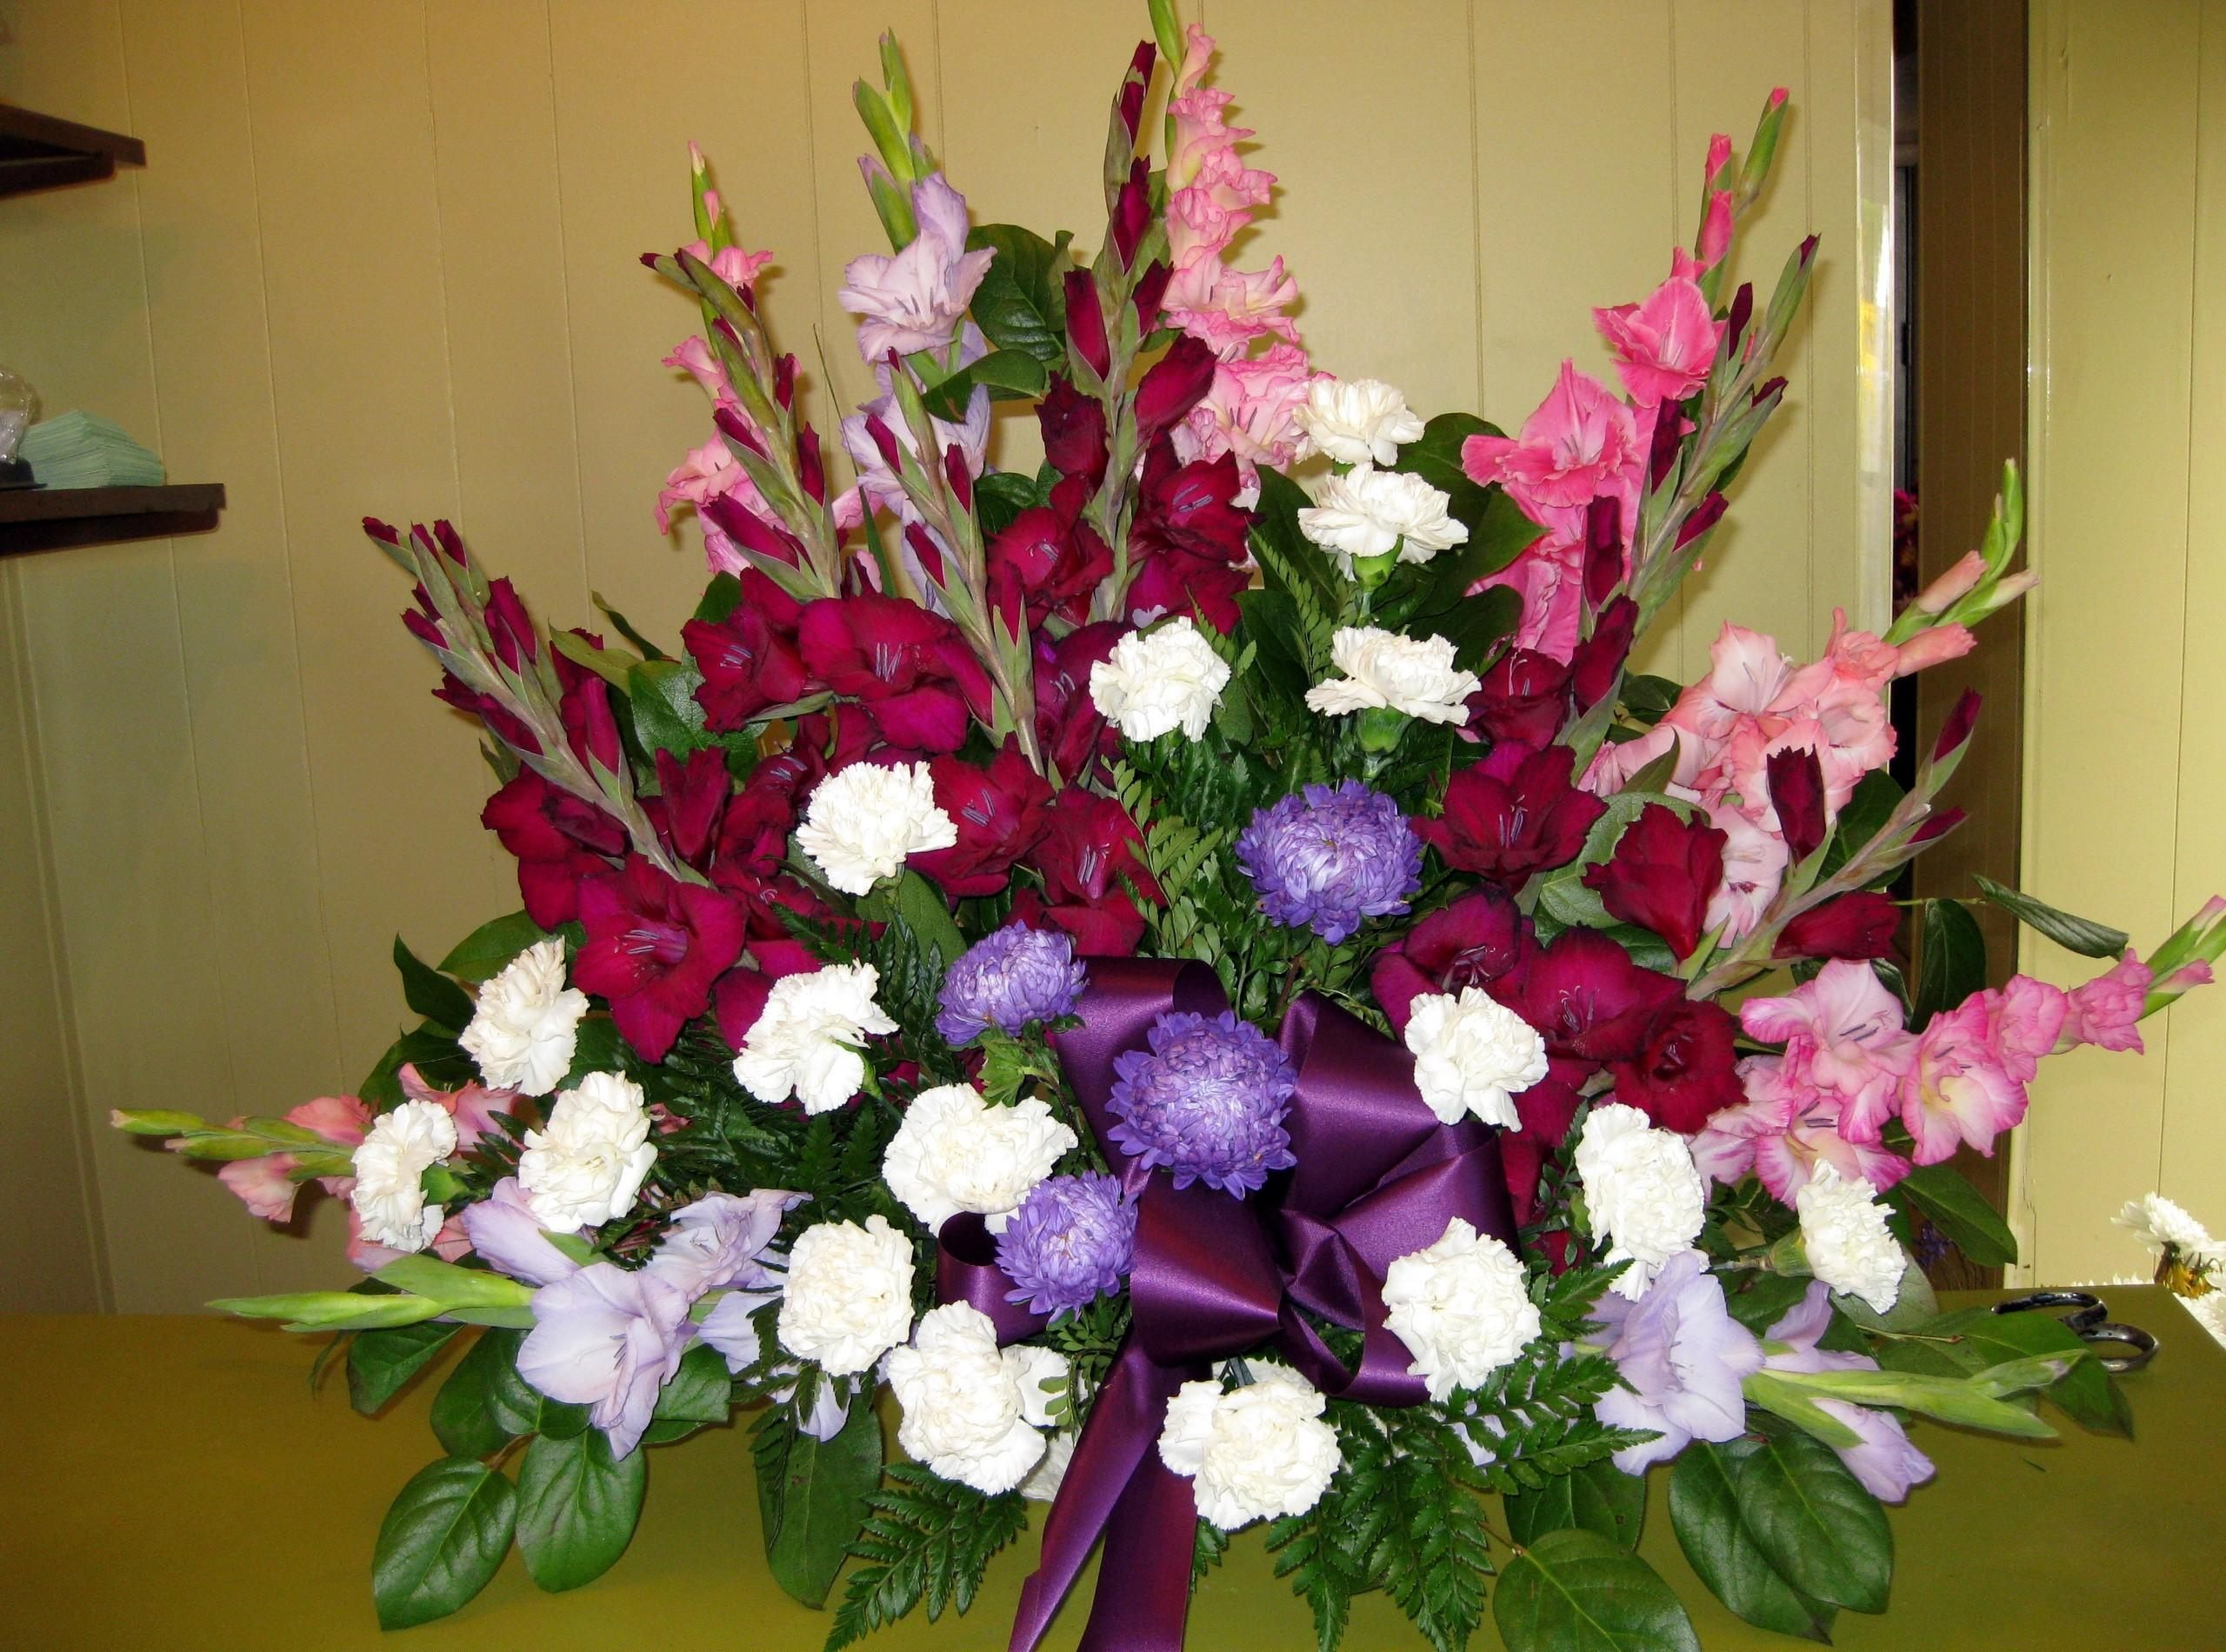 Названия цветов и растений для свадебного букета (с фото) Свадебный имидж